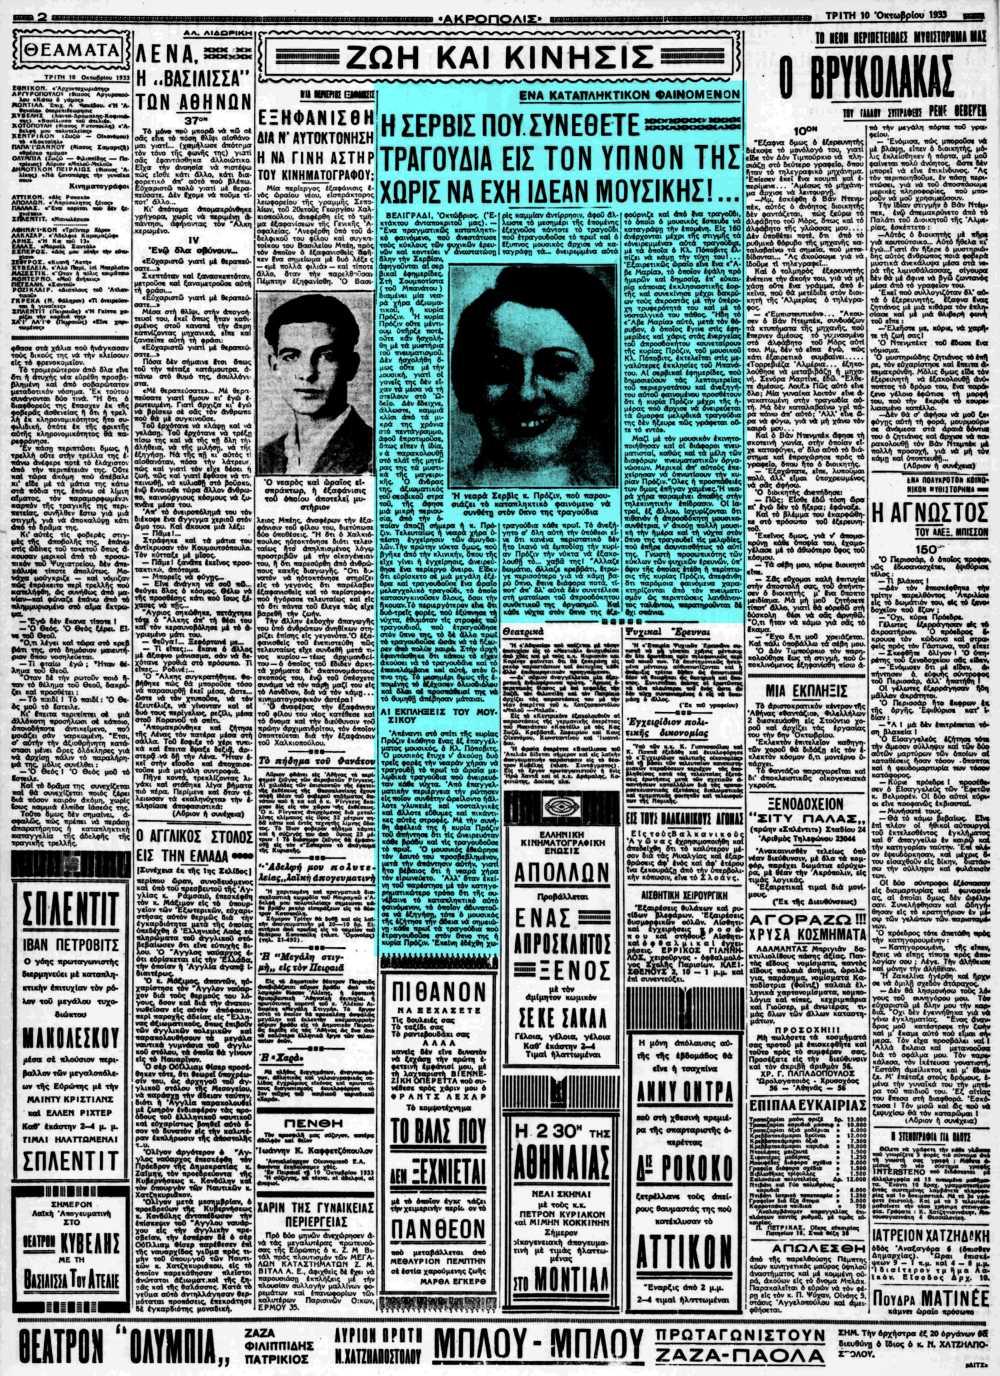 """Το άρθρο, όπως δημοσιεύθηκε στην εφημερίδα """"ΑΚΡΟΠΟΛΙΣ"""", στις 10/10/1933"""